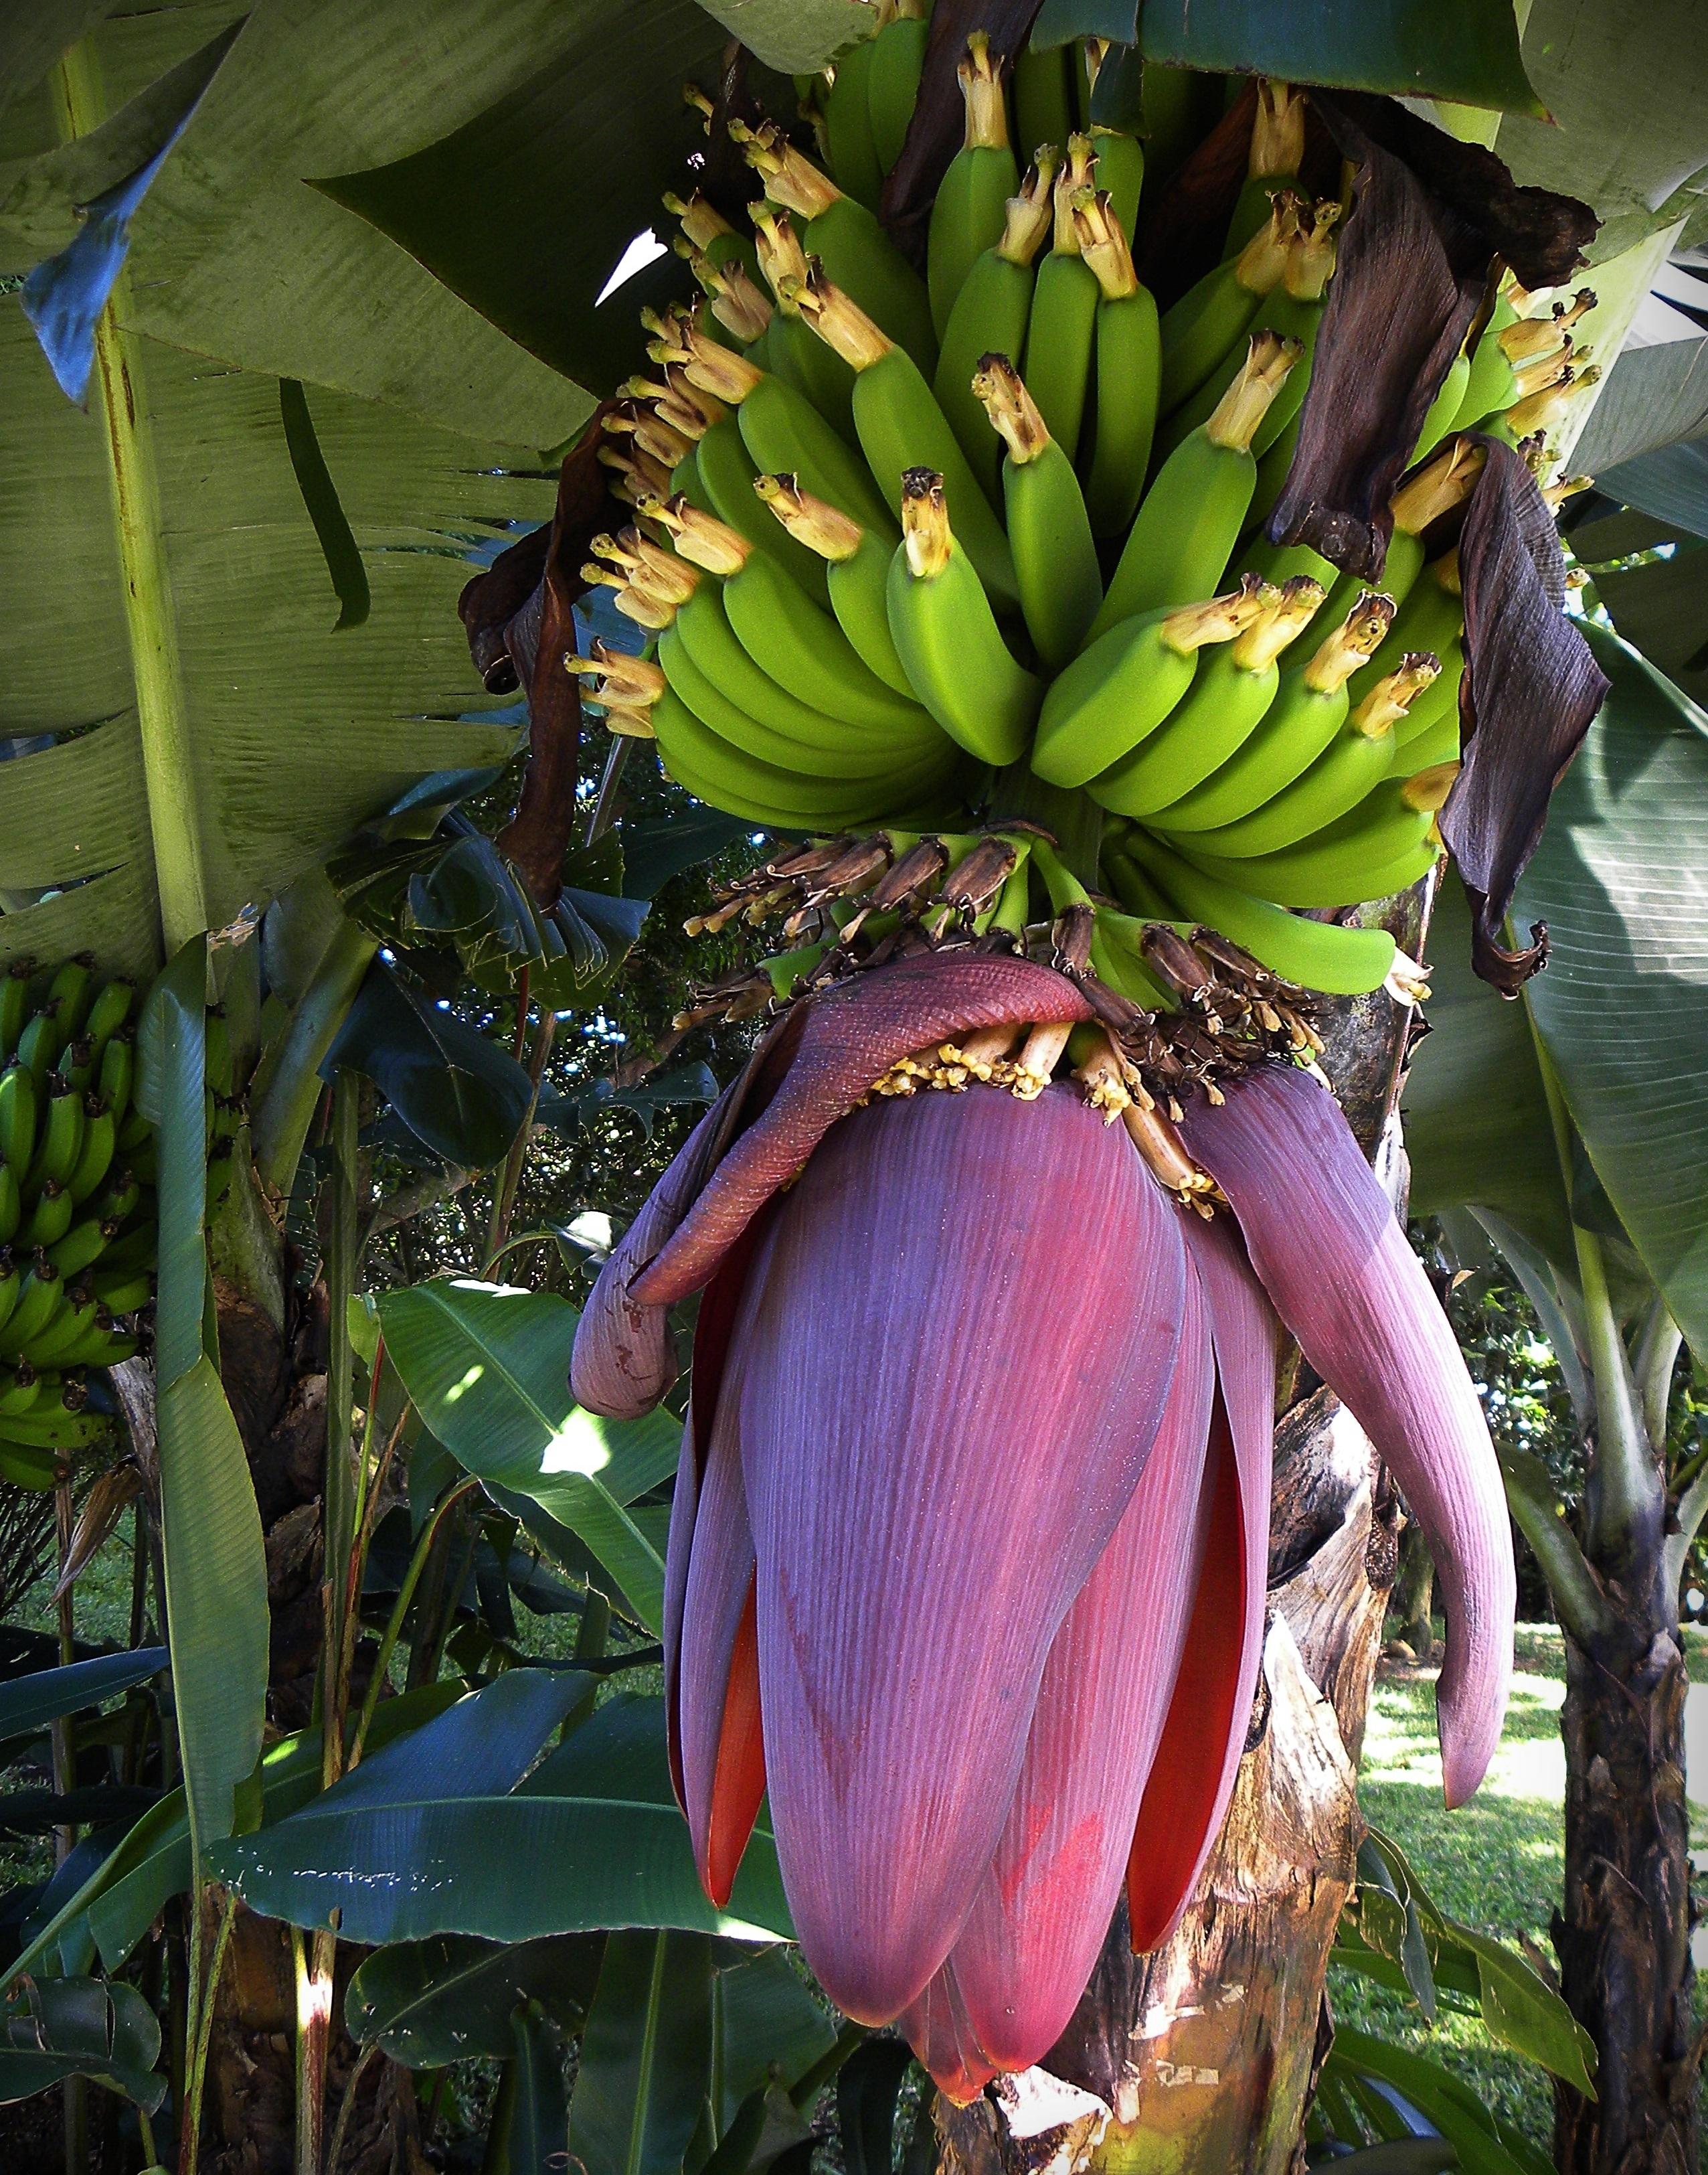 другом цветы в картинках банан видеосъемка свадьбы